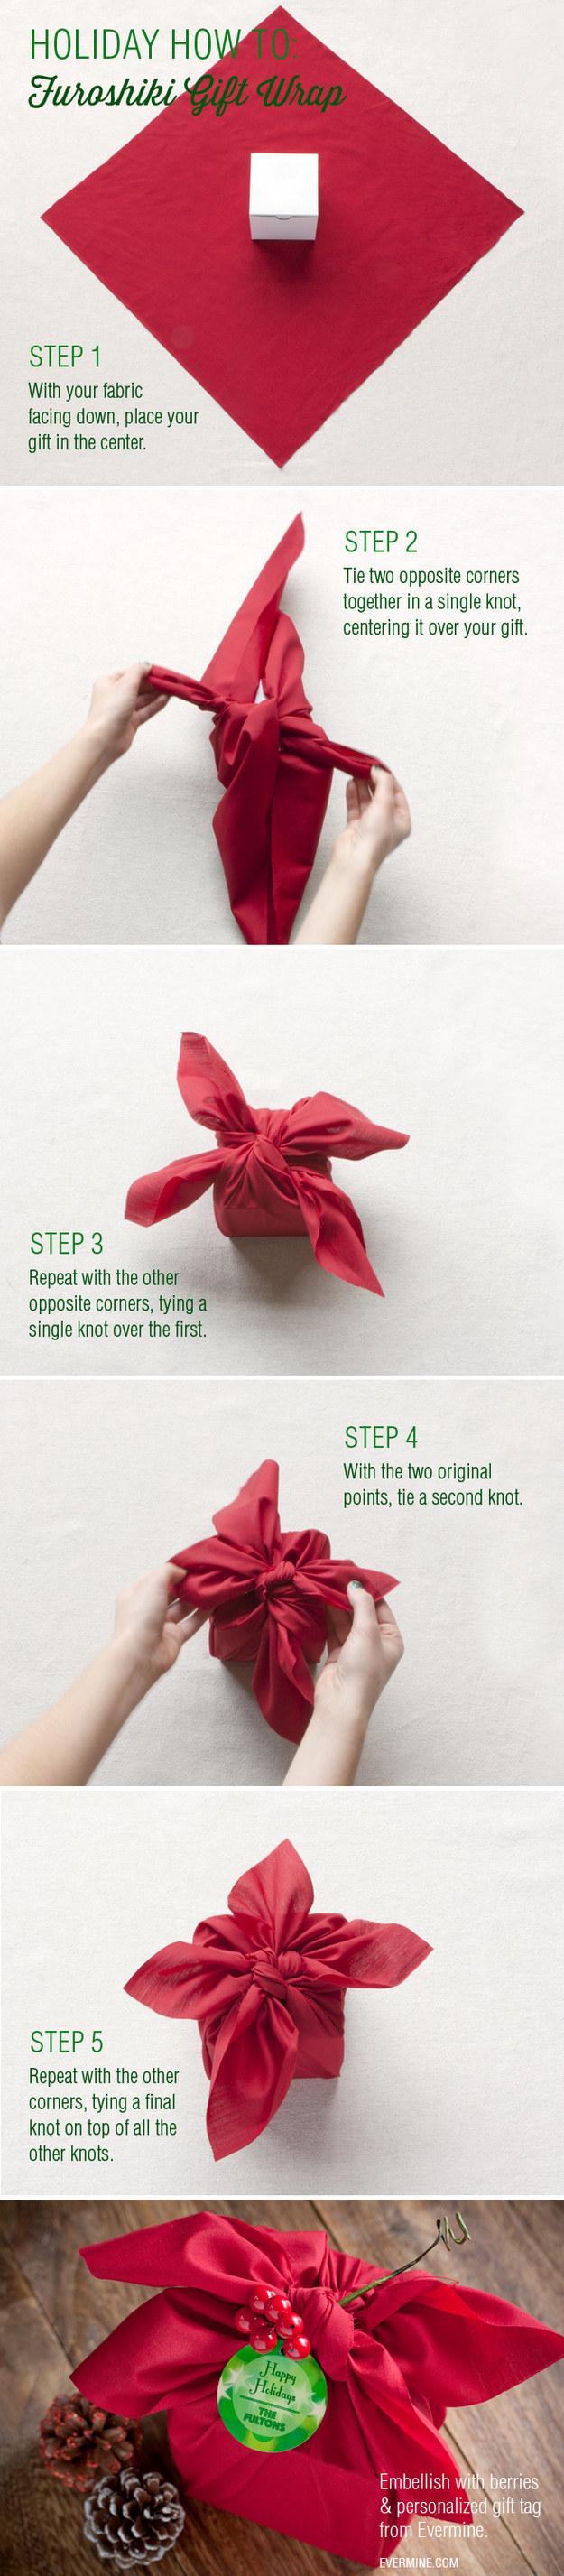 furoshiki gift wrap miraculove blog